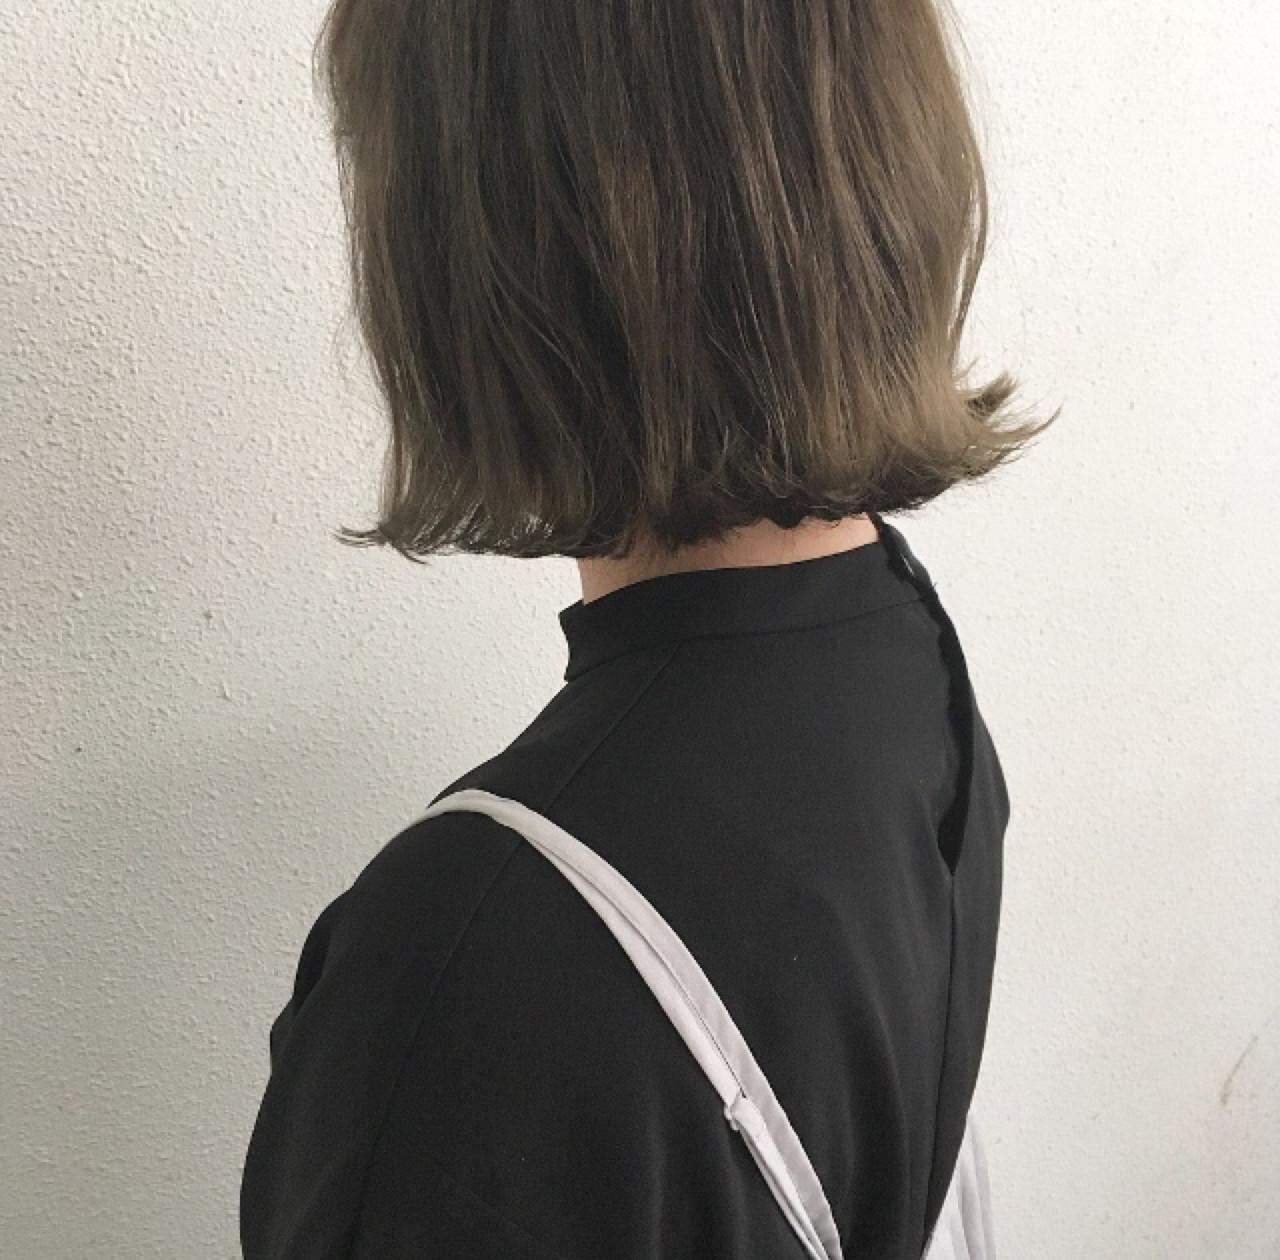 外ハネ ロブ 切りっぱなし ボブヘアスタイルや髪型の写真・画像